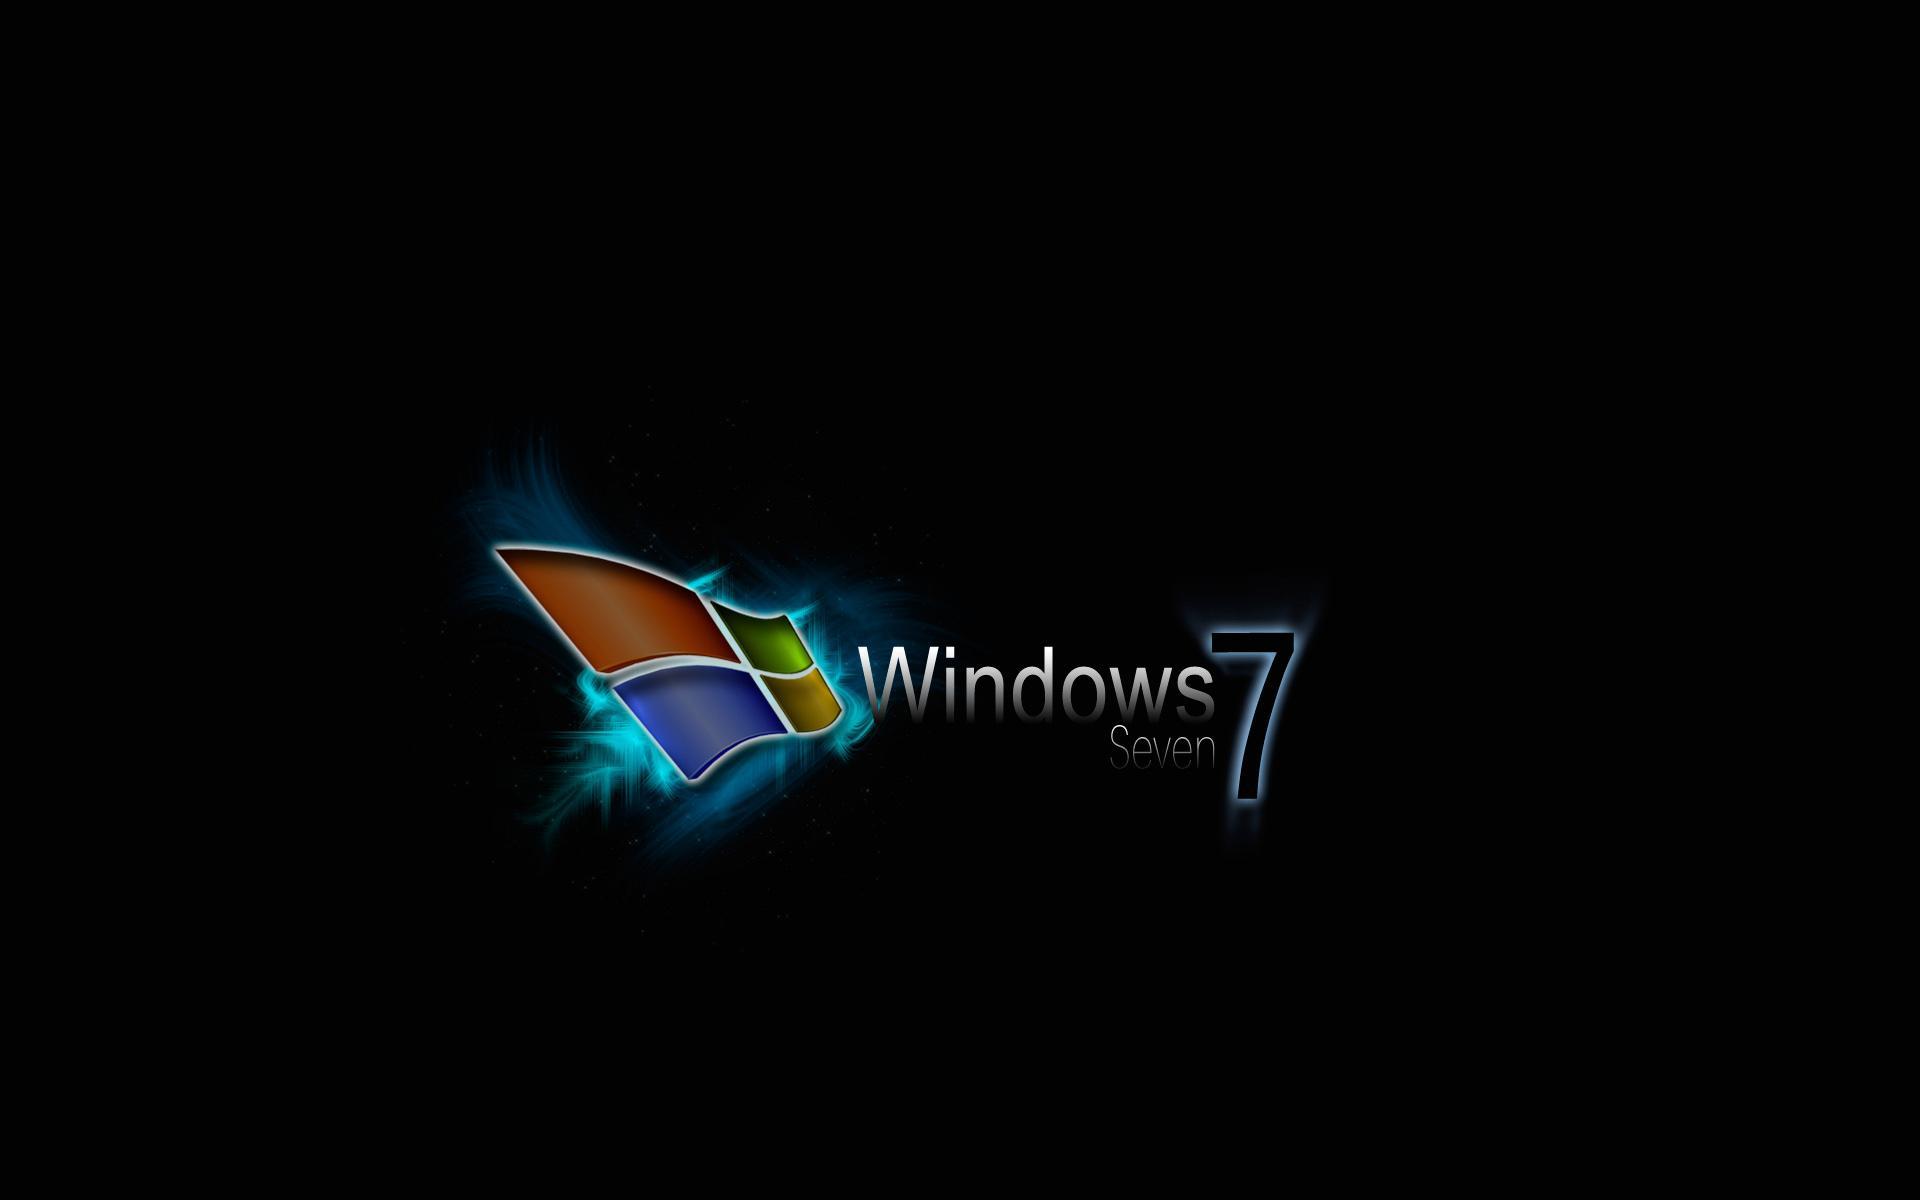 windows 7 wallpapers top